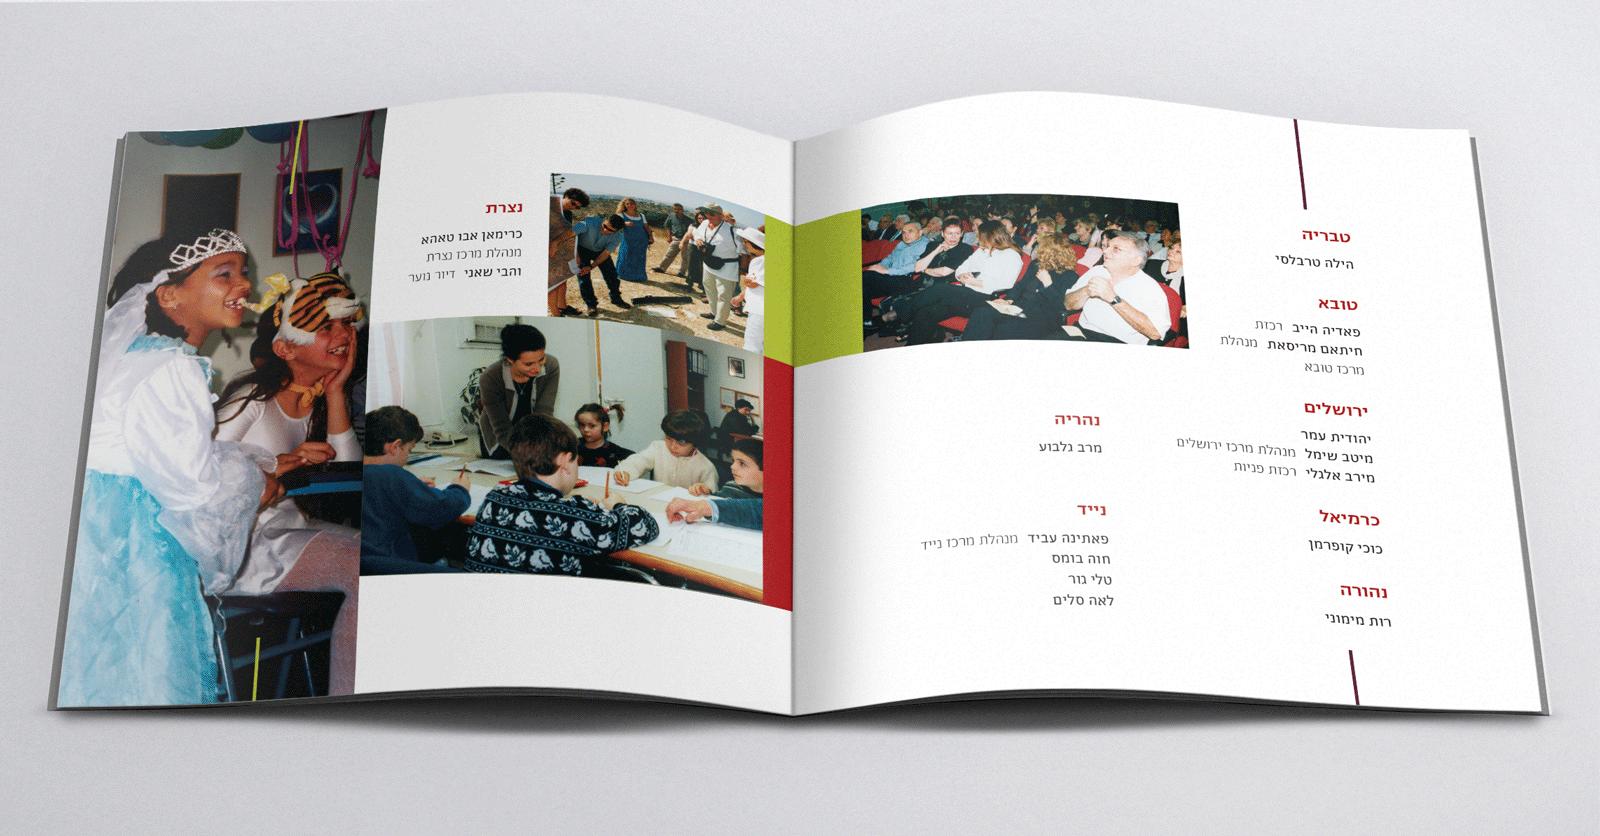 עשור לעמותת ידיד - עיצוב חוברת חגיגית